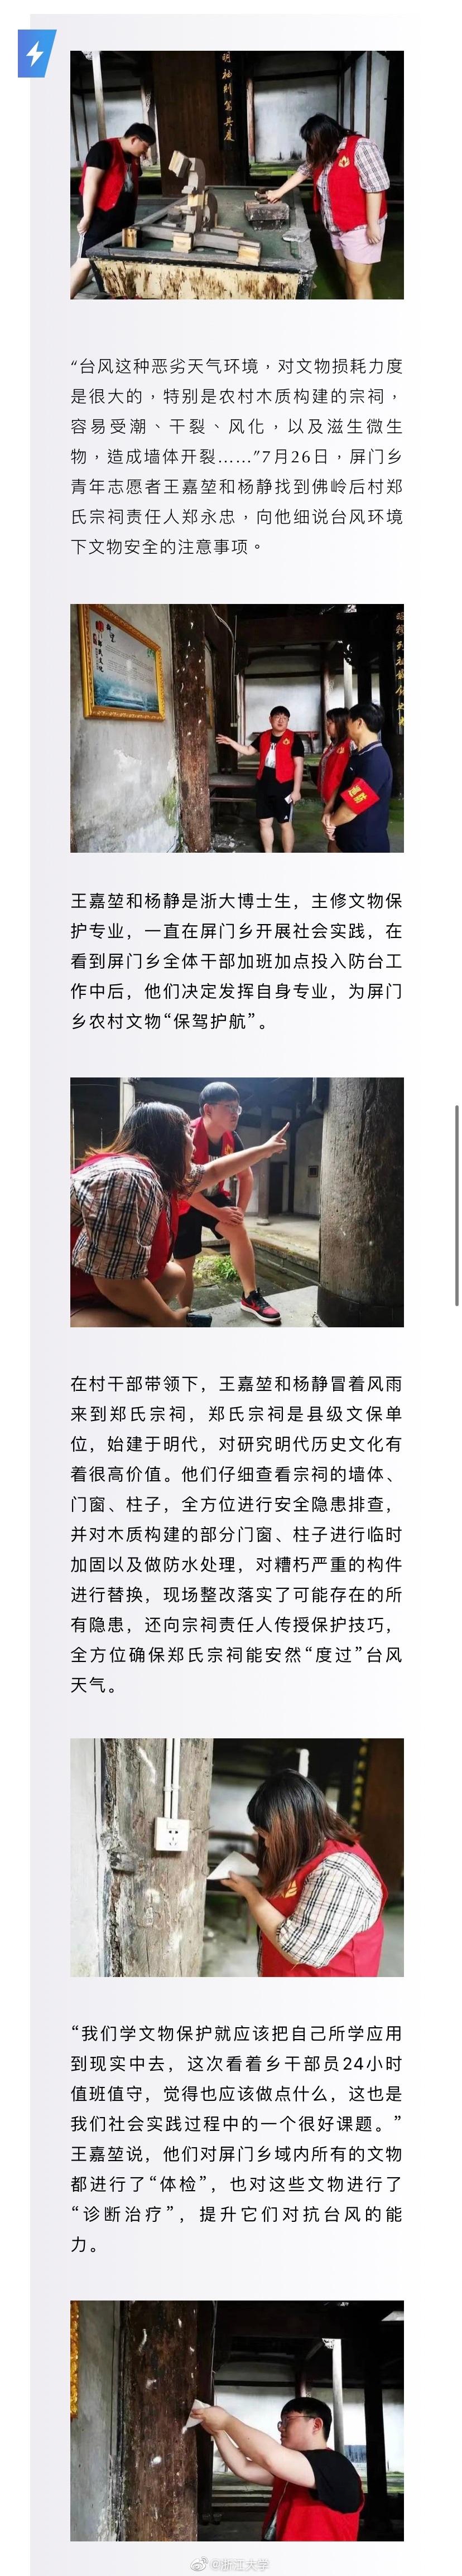 """当社会实践遇上台风,浙大博士""""护航""""屏门乡村文物"""